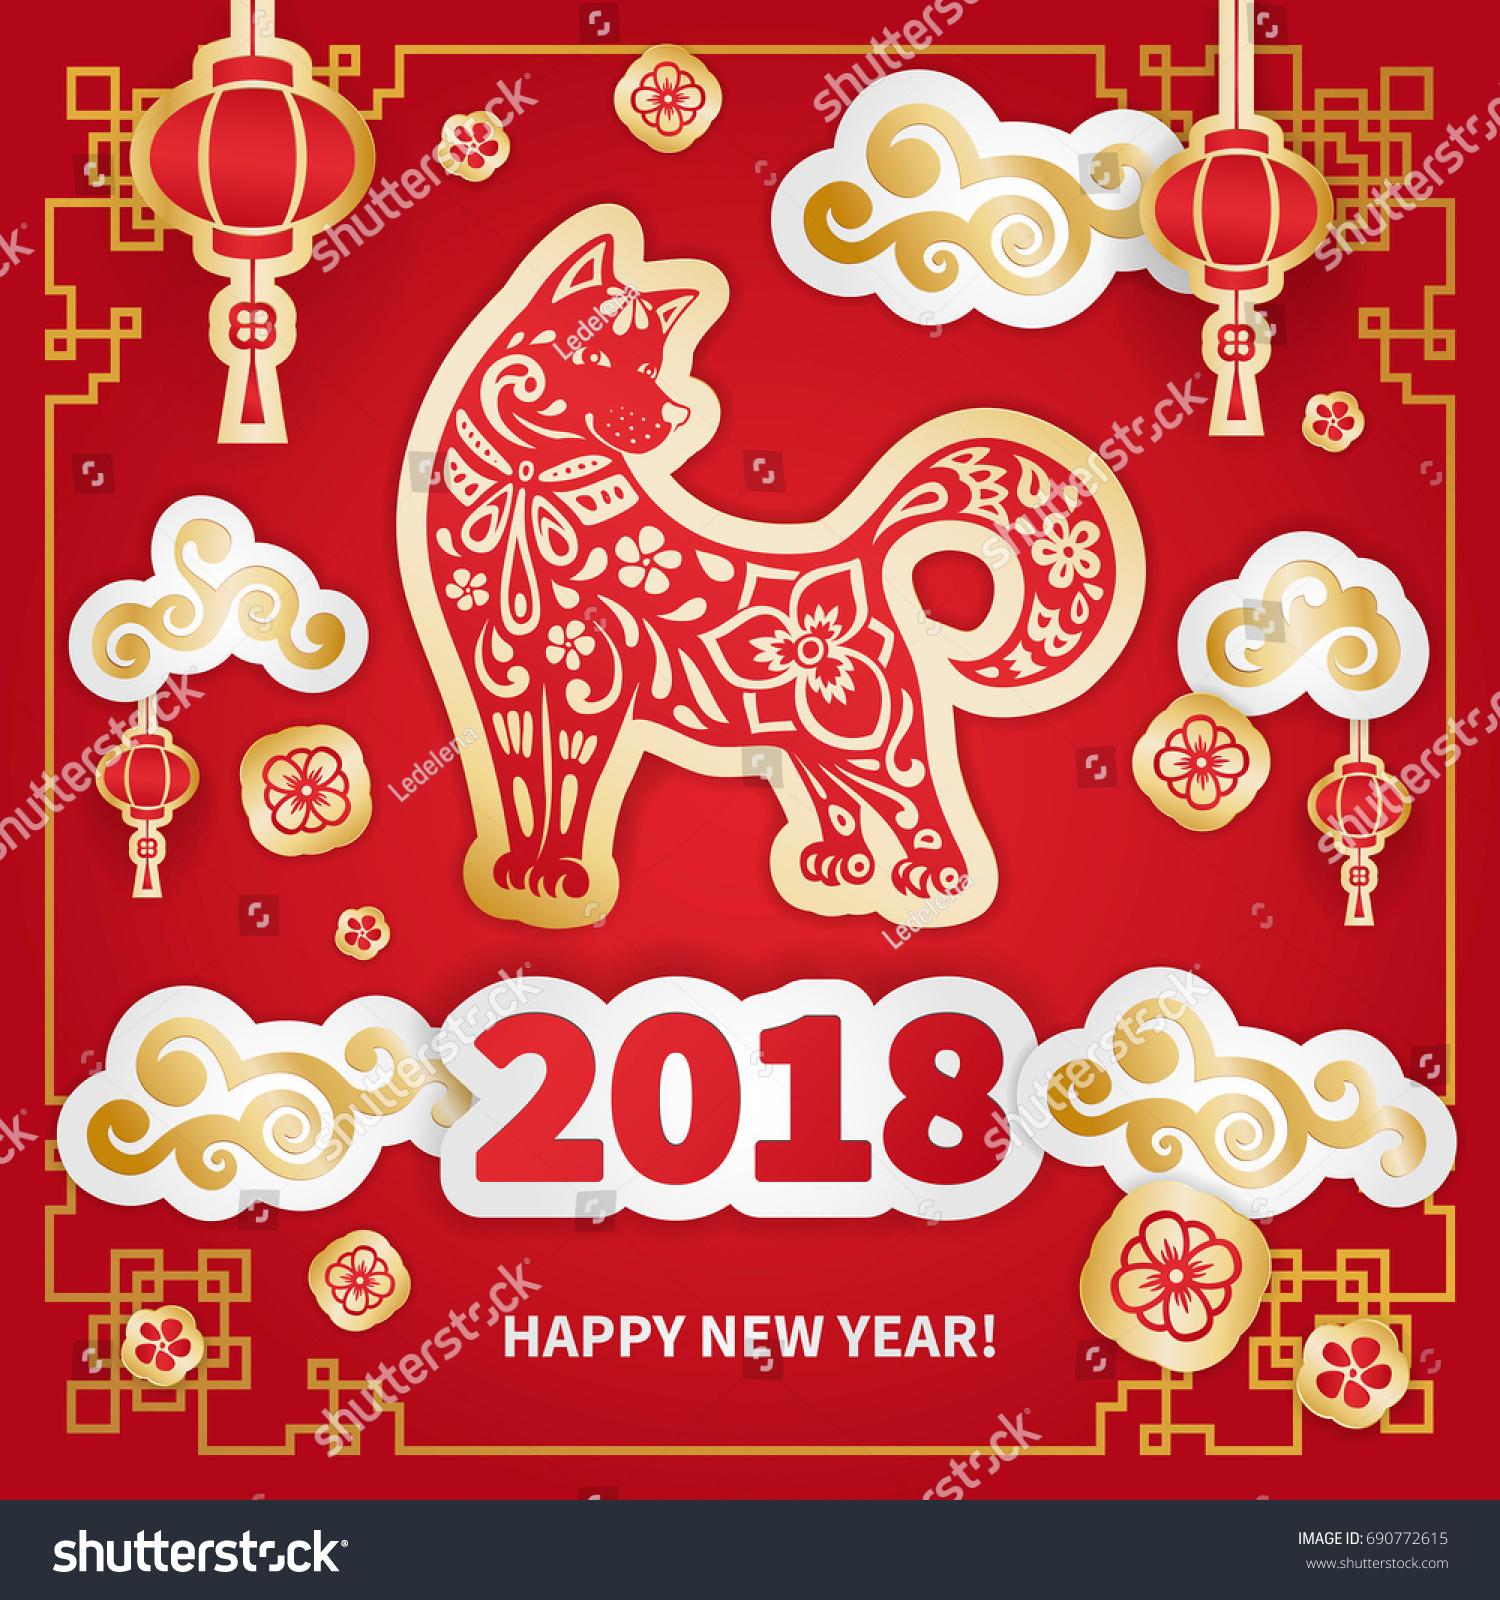 Dog Symbol 2018 Chinese New Year Stock Illustration 690772615